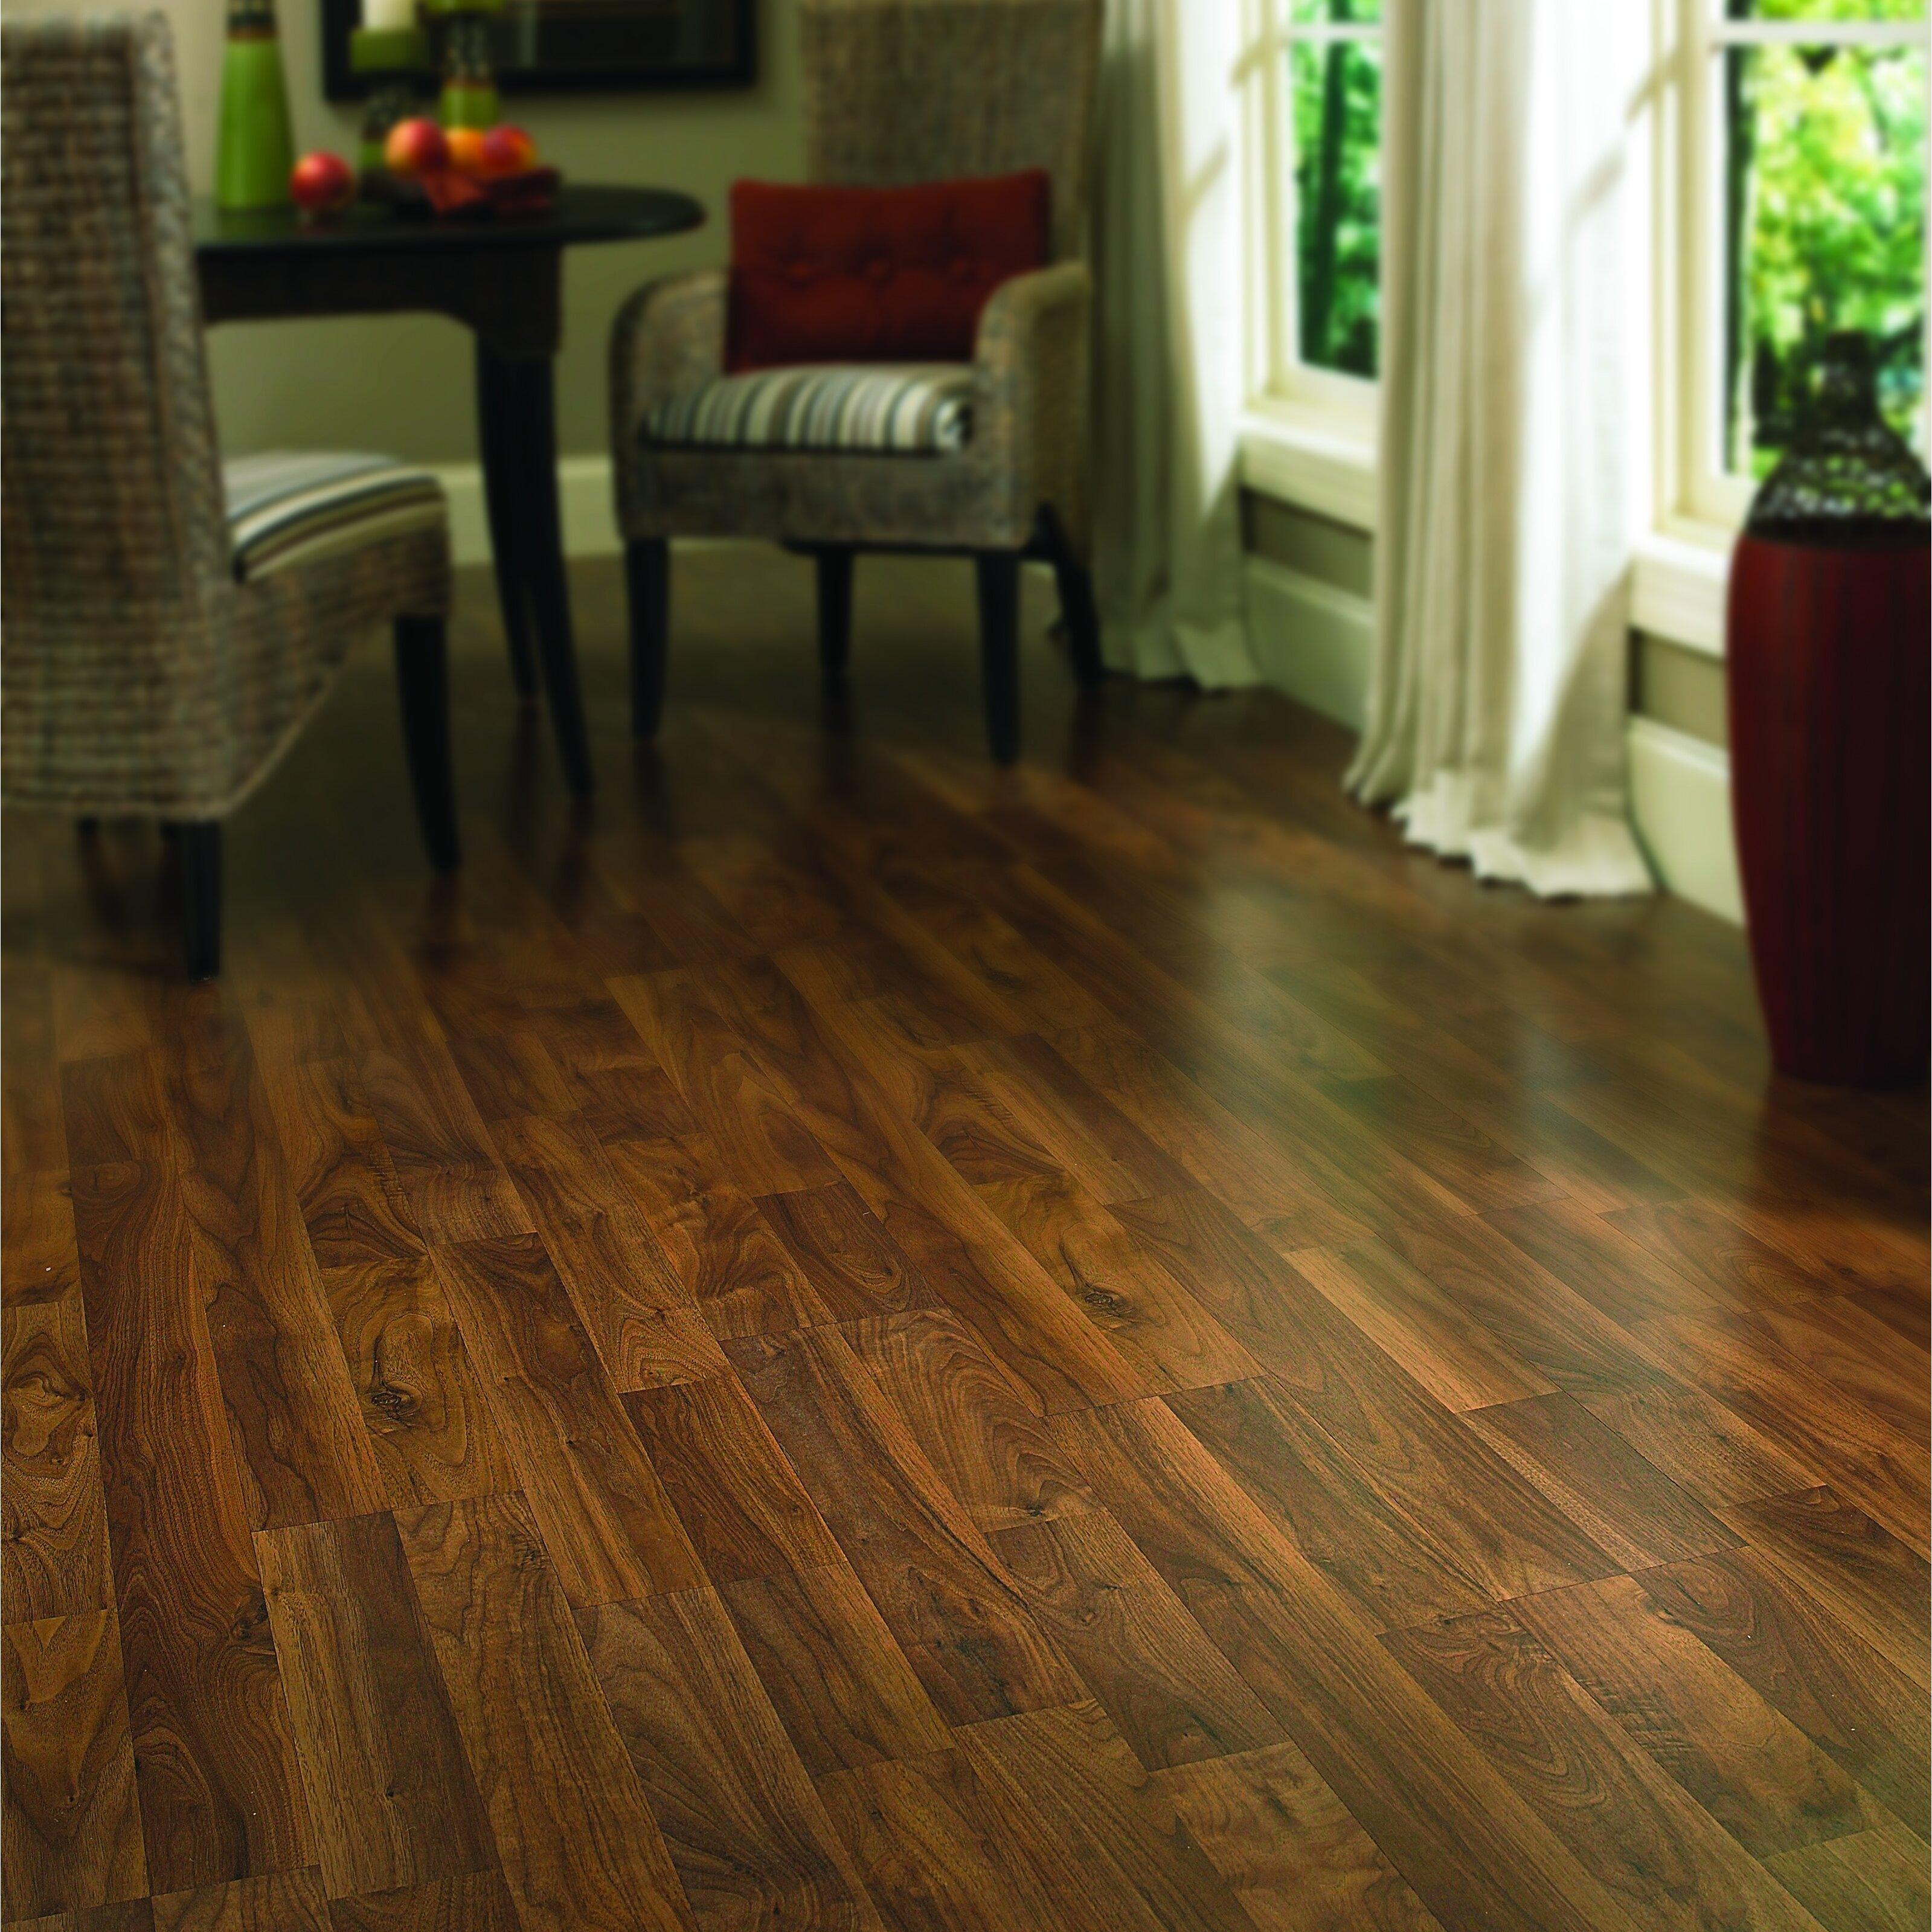 Columbia clic 8 x 47 x 8mm walnut laminate in heritage for Columbia clic laminate flooring reviews